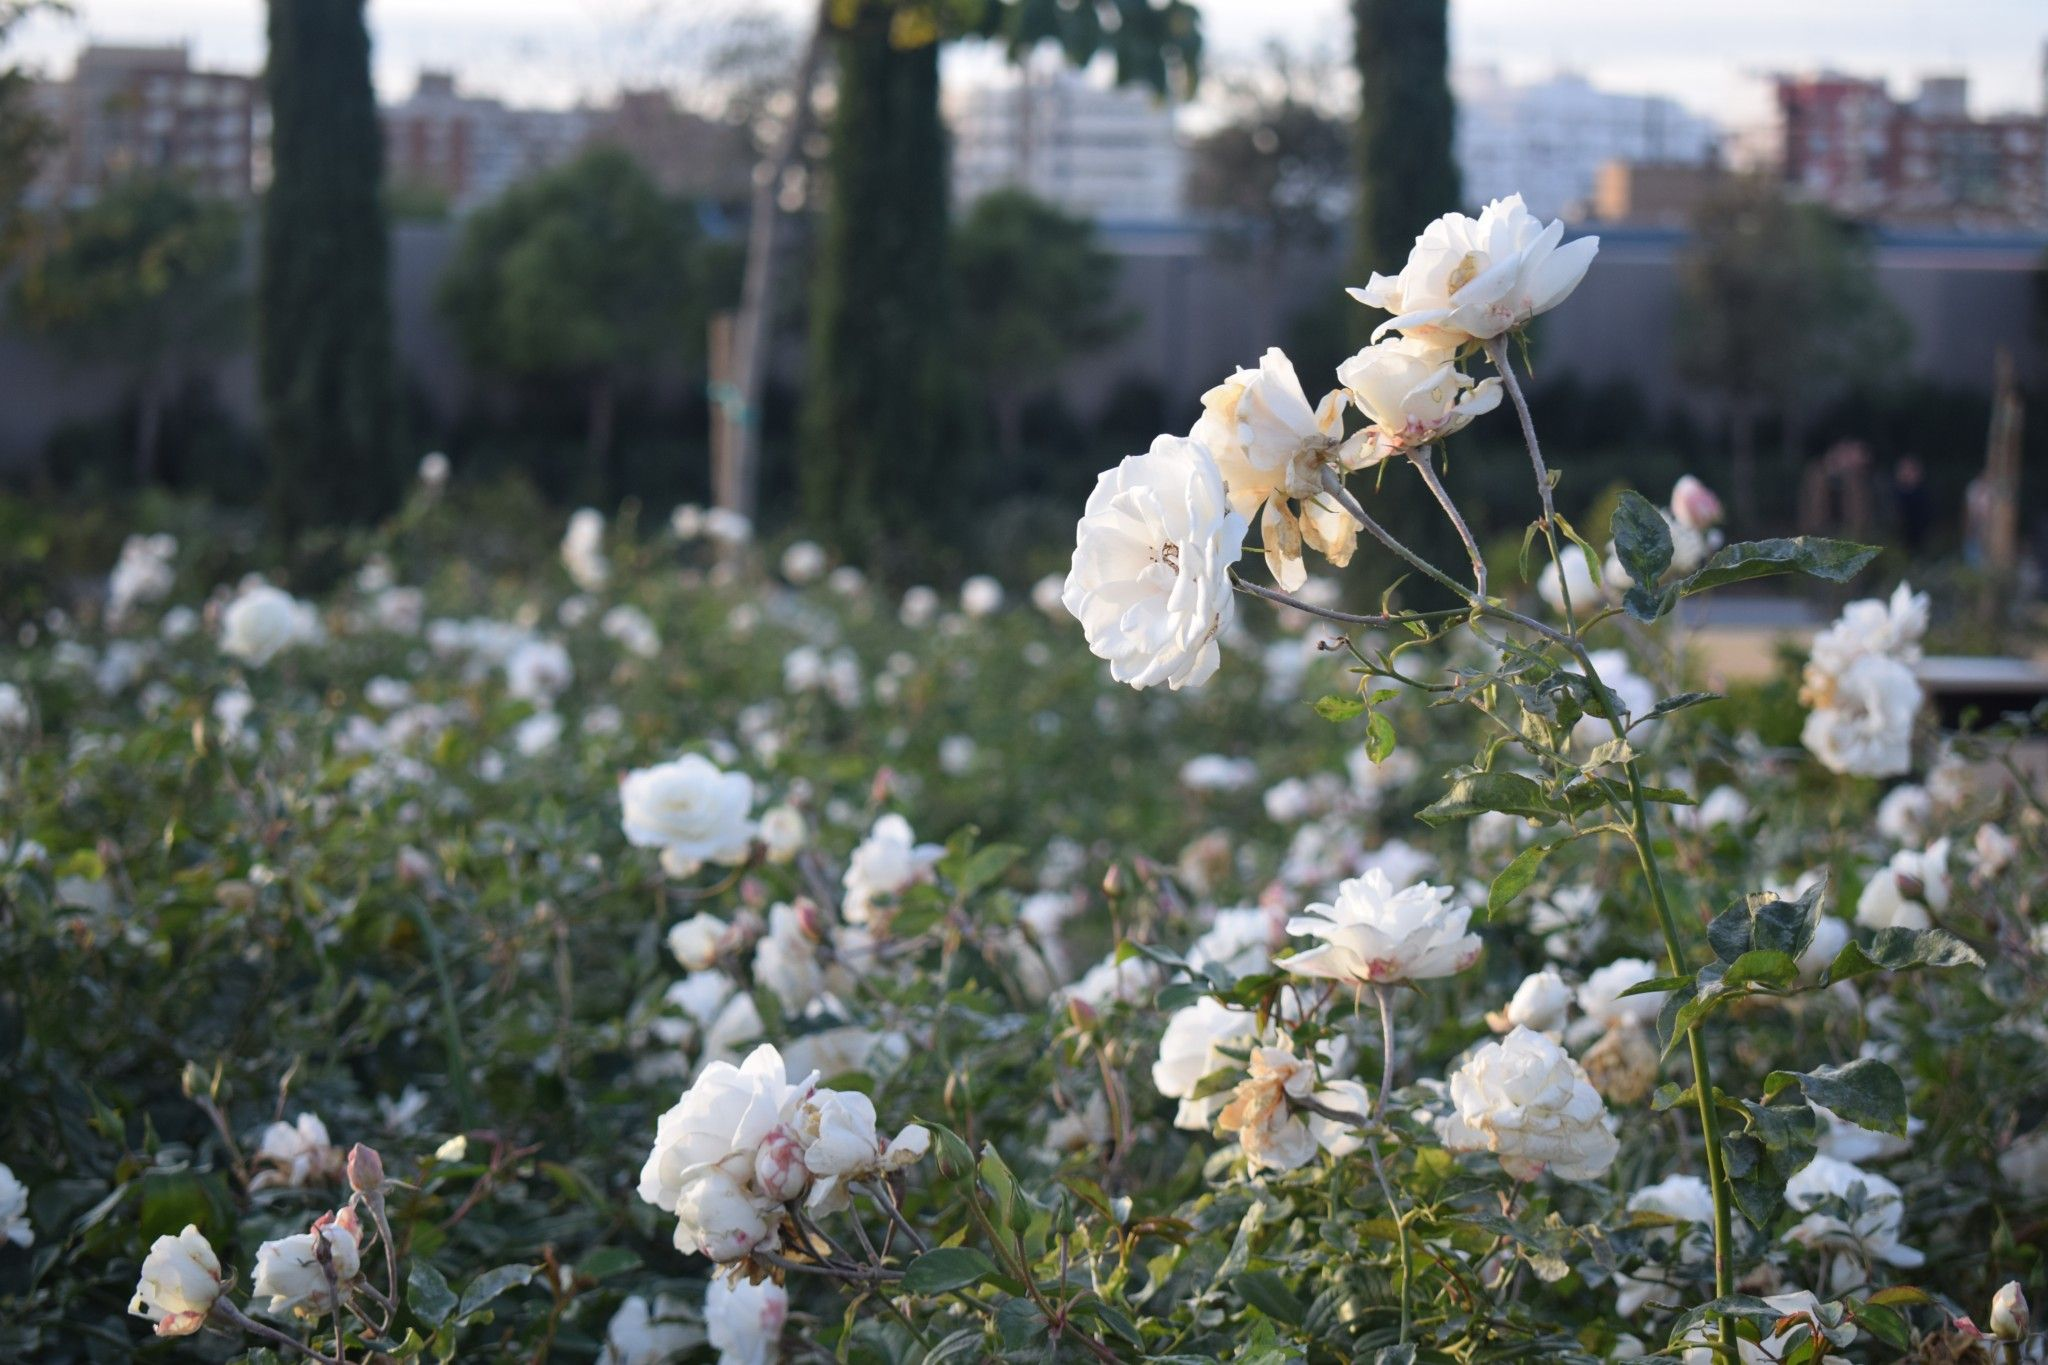 Jardín floral parque central de valencia